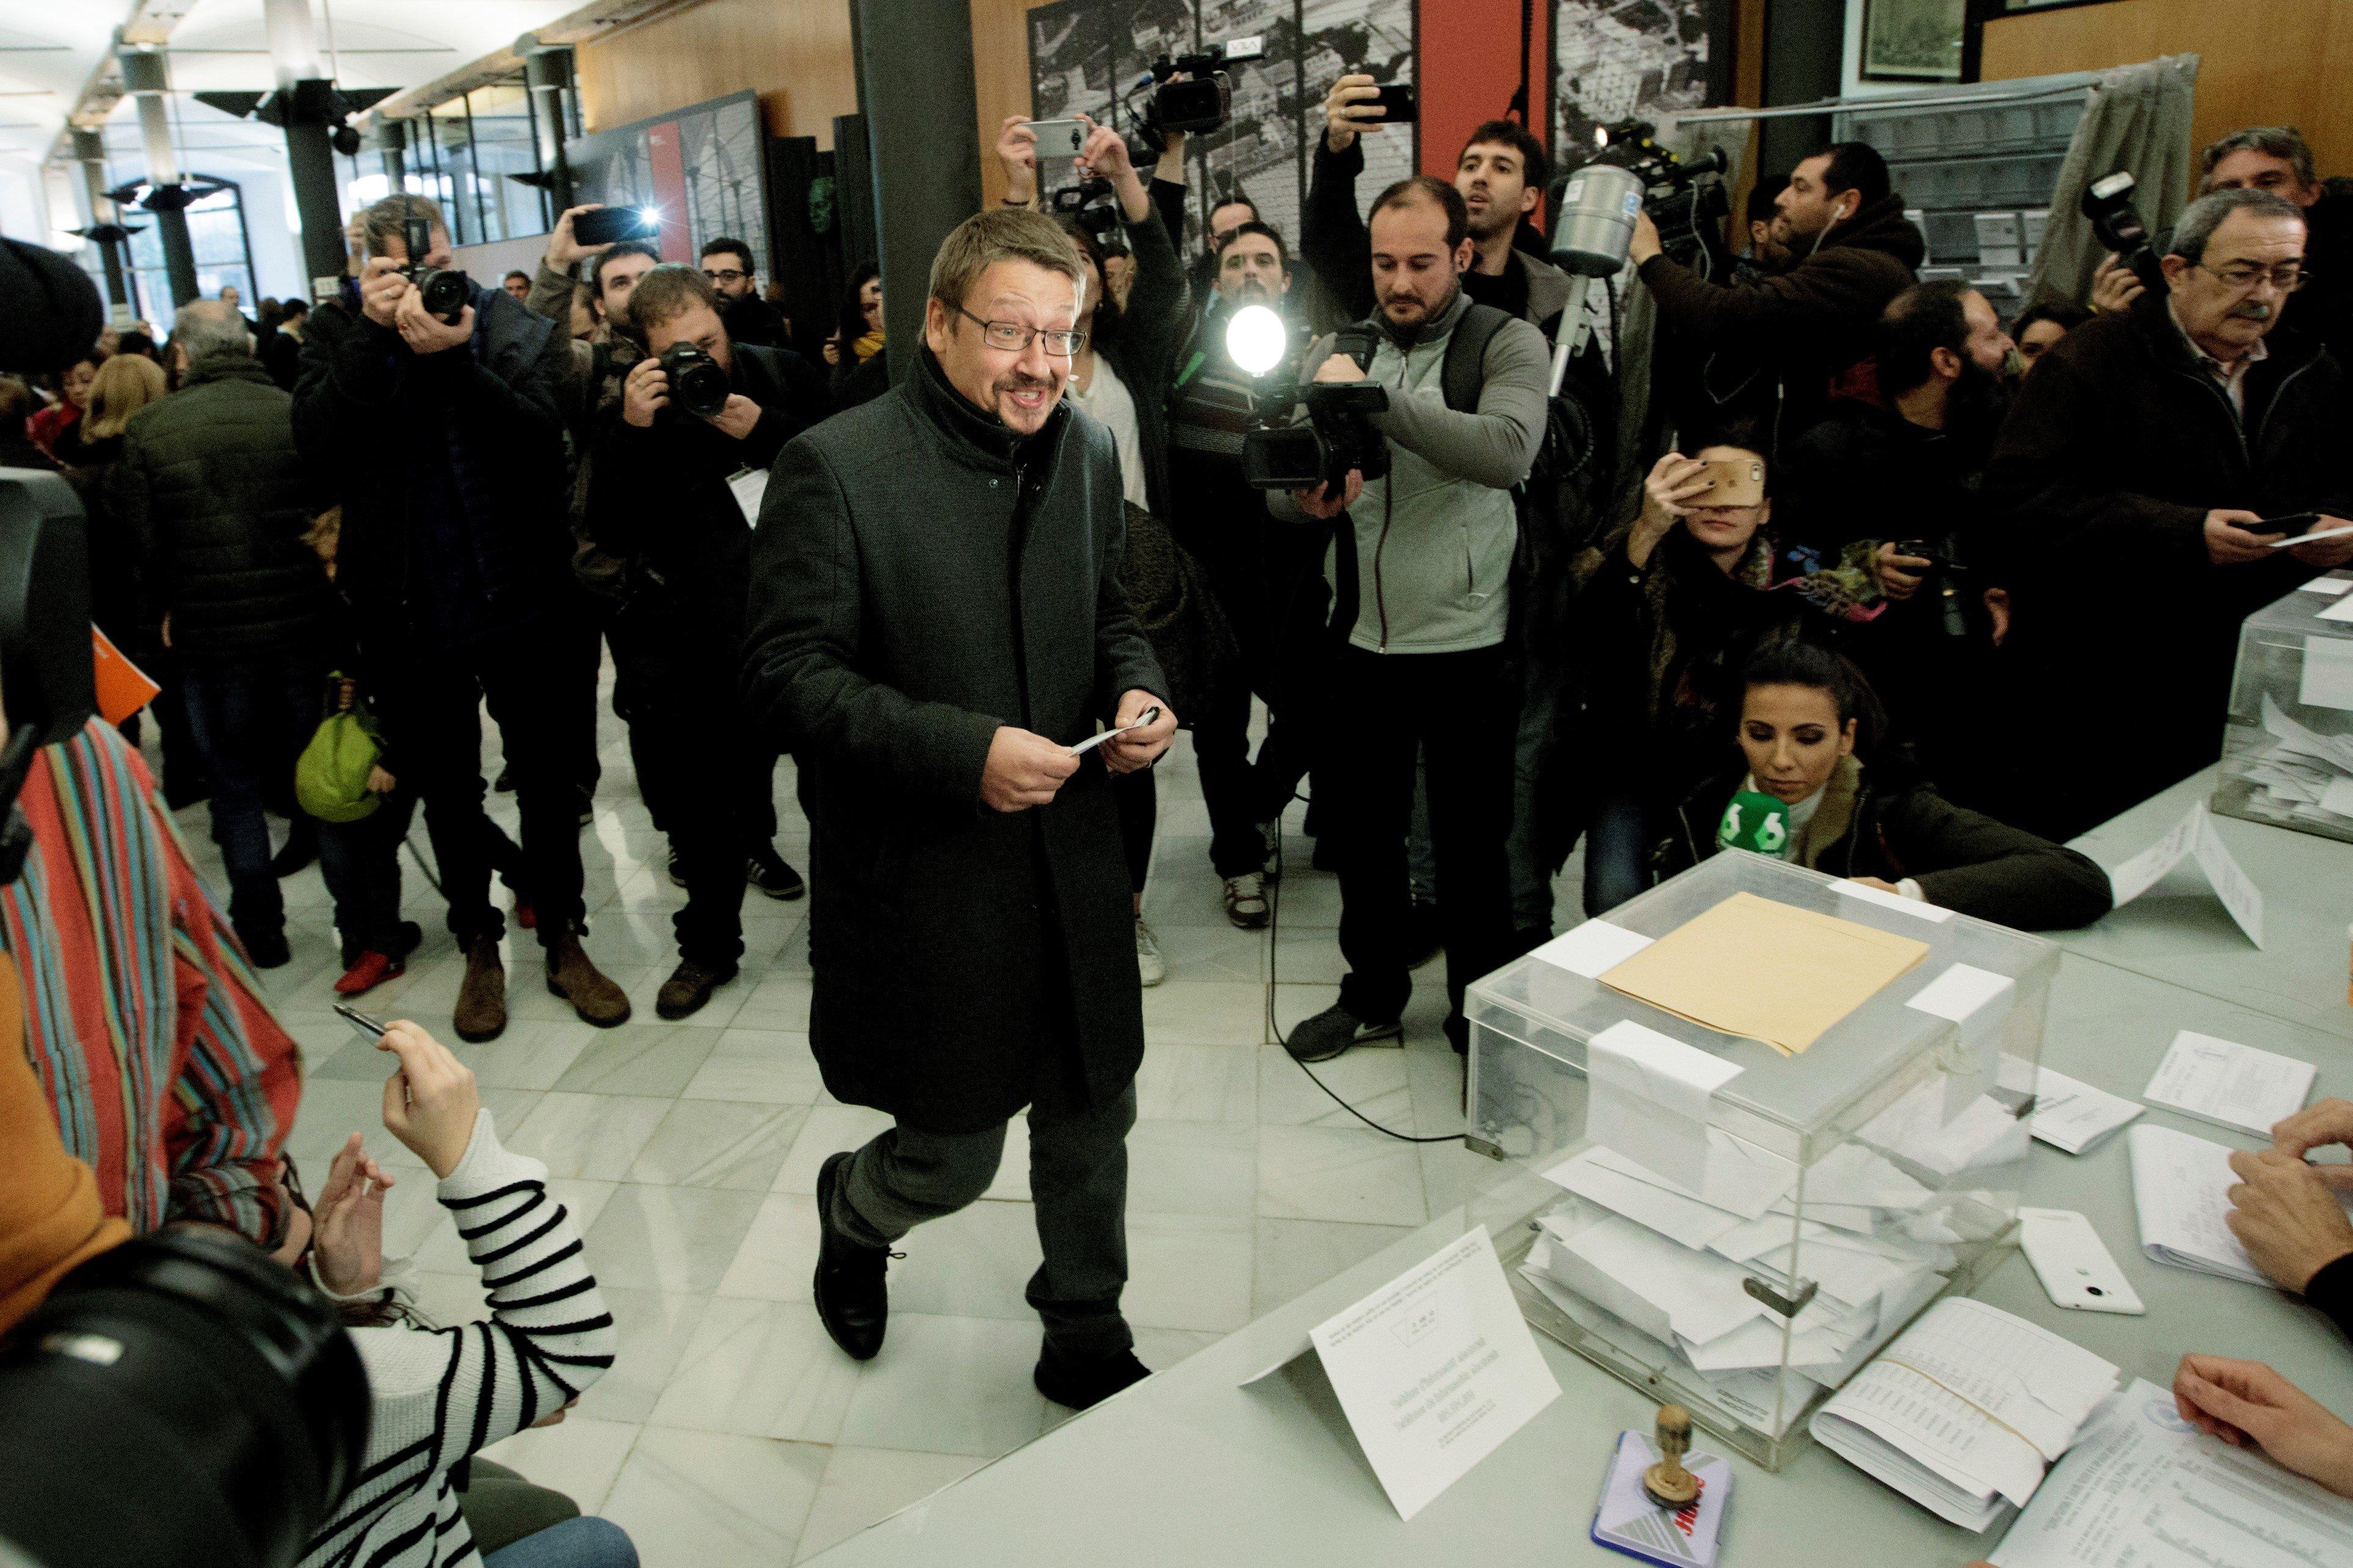 El cap de llista de Catalunya en Comú Podem, Xavier Domènech, a la seva arribada a l'Escola Industrial de Barcelona per dipositar el seu vot. /MARTA PÉREZ